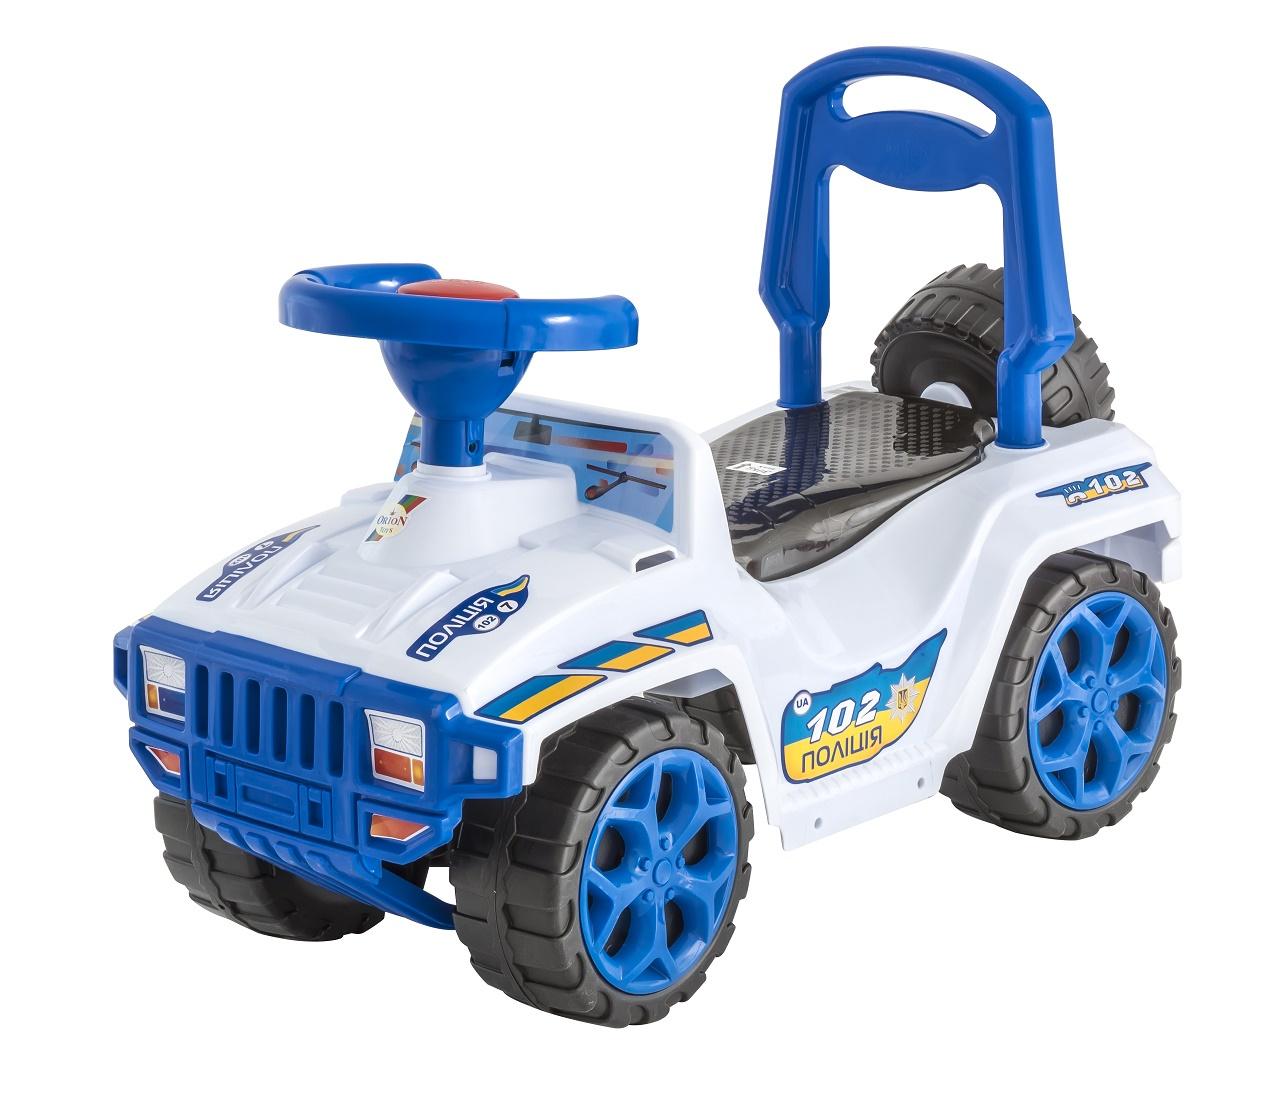 Каталка ORION TOYS Машина Ориончик 419 полиция белый, синий